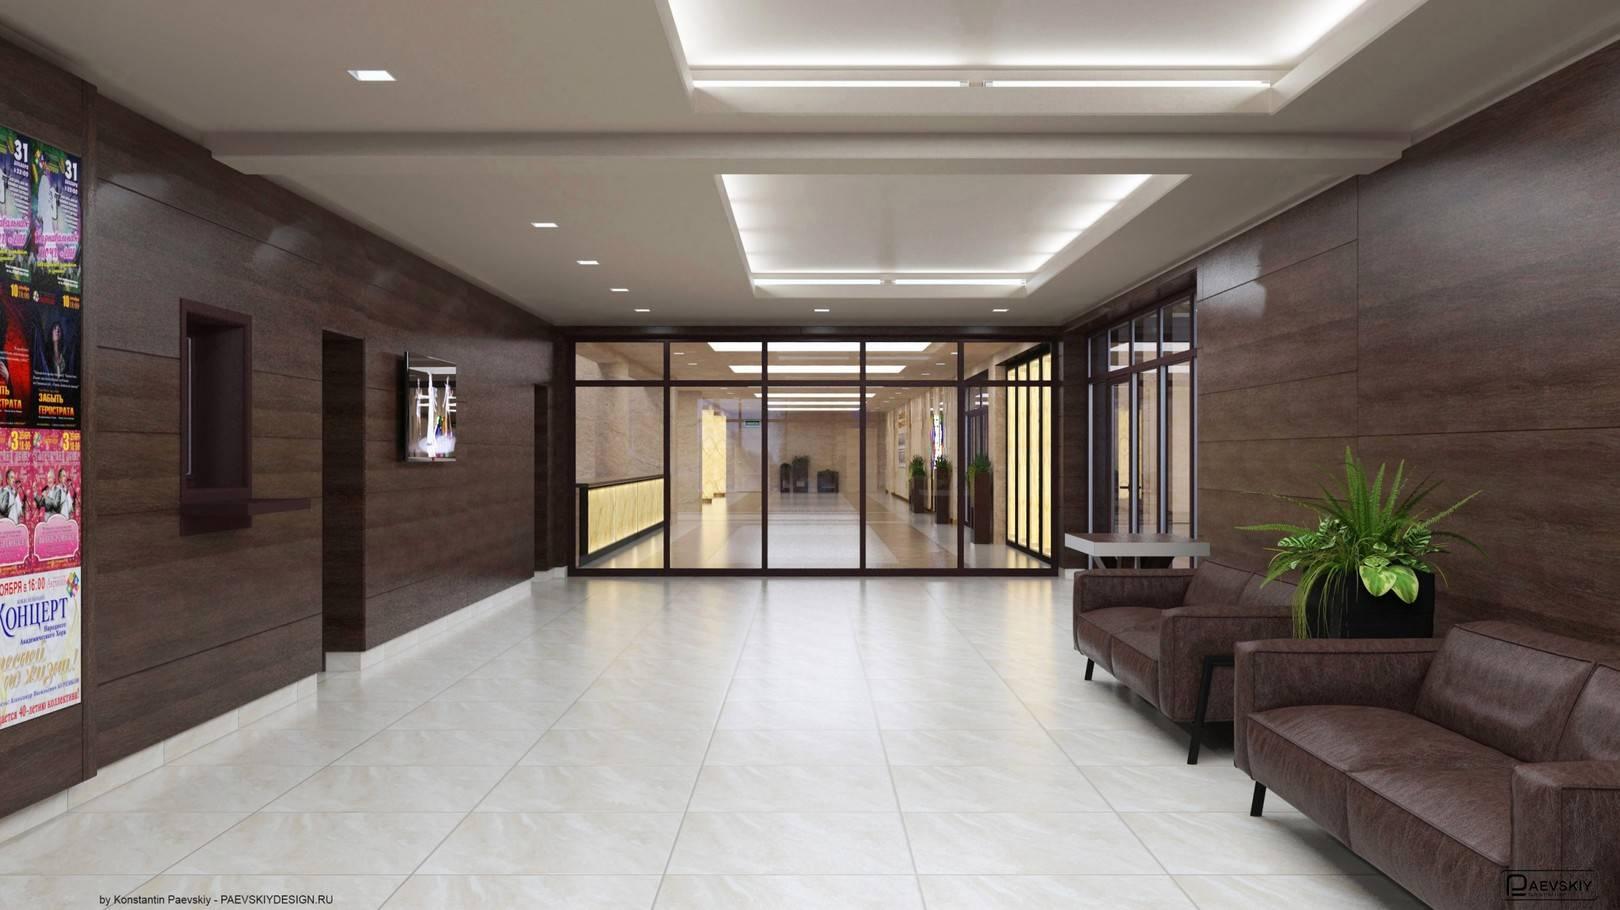 Фойе кассы 1 этаж 1 этаж